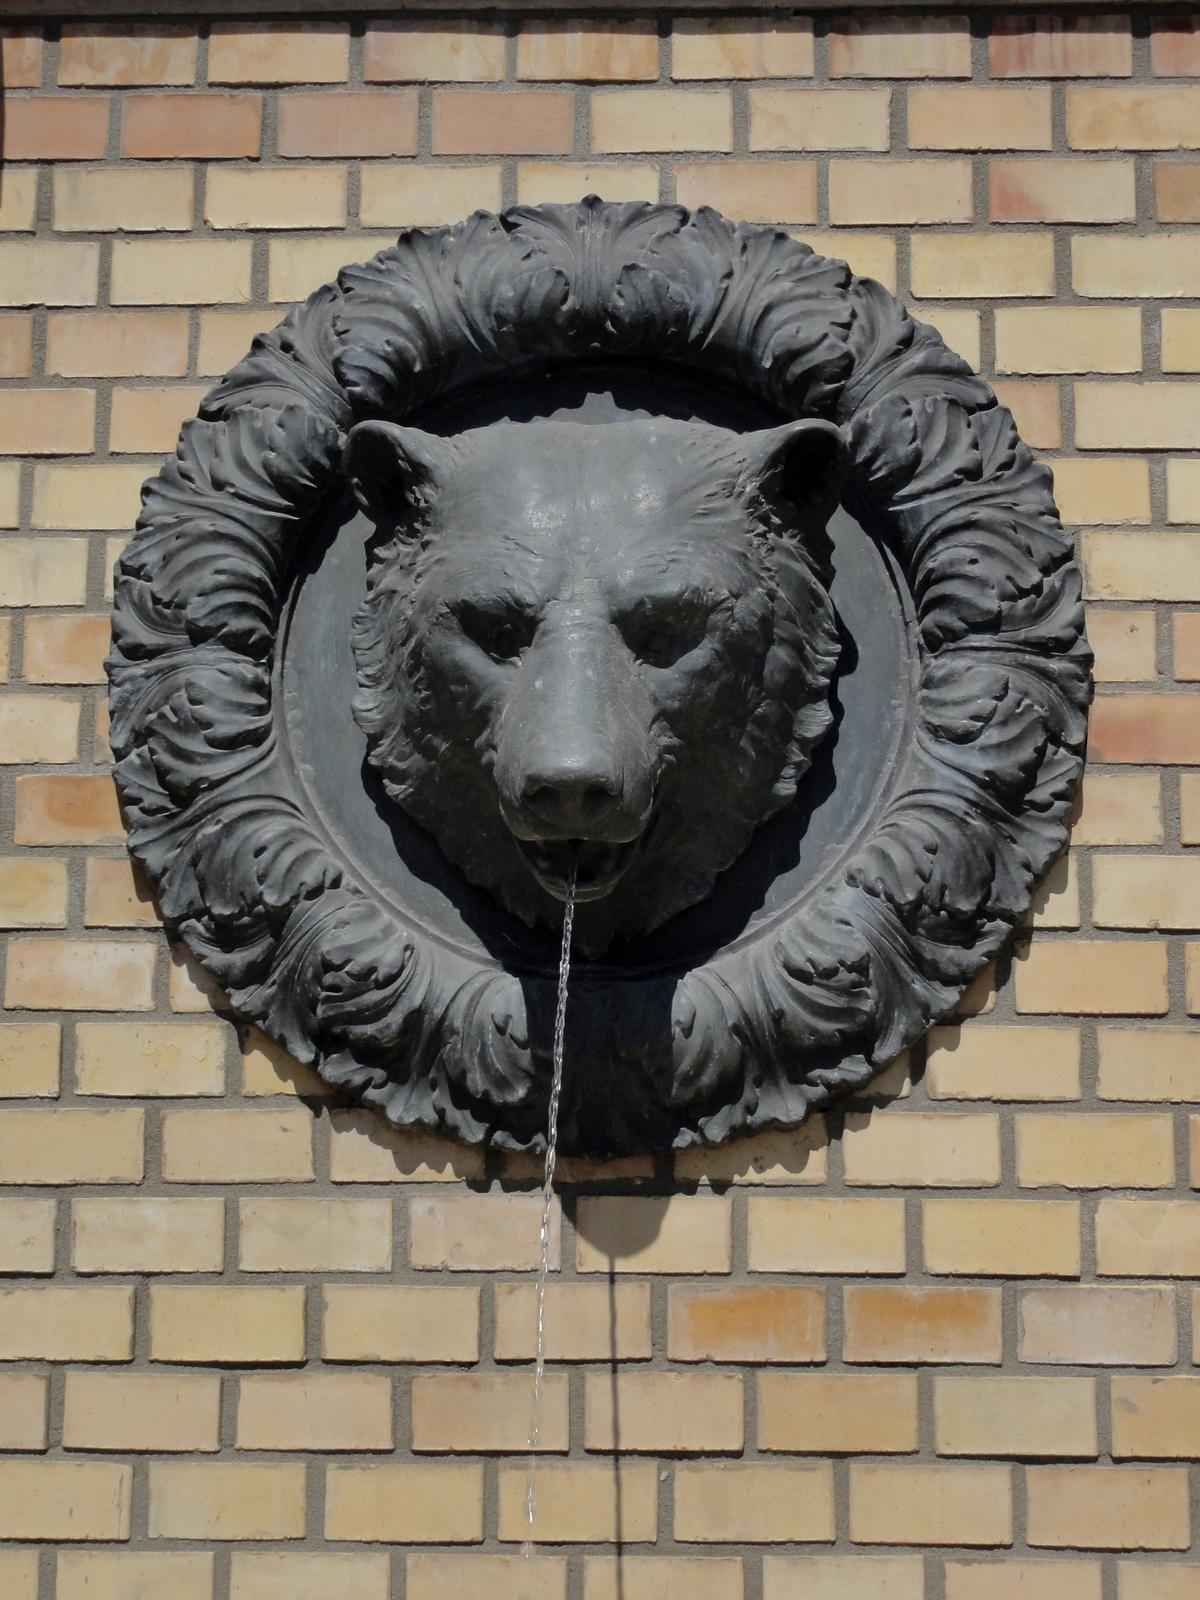 Várkert Bazár, medvefejes ivókút.